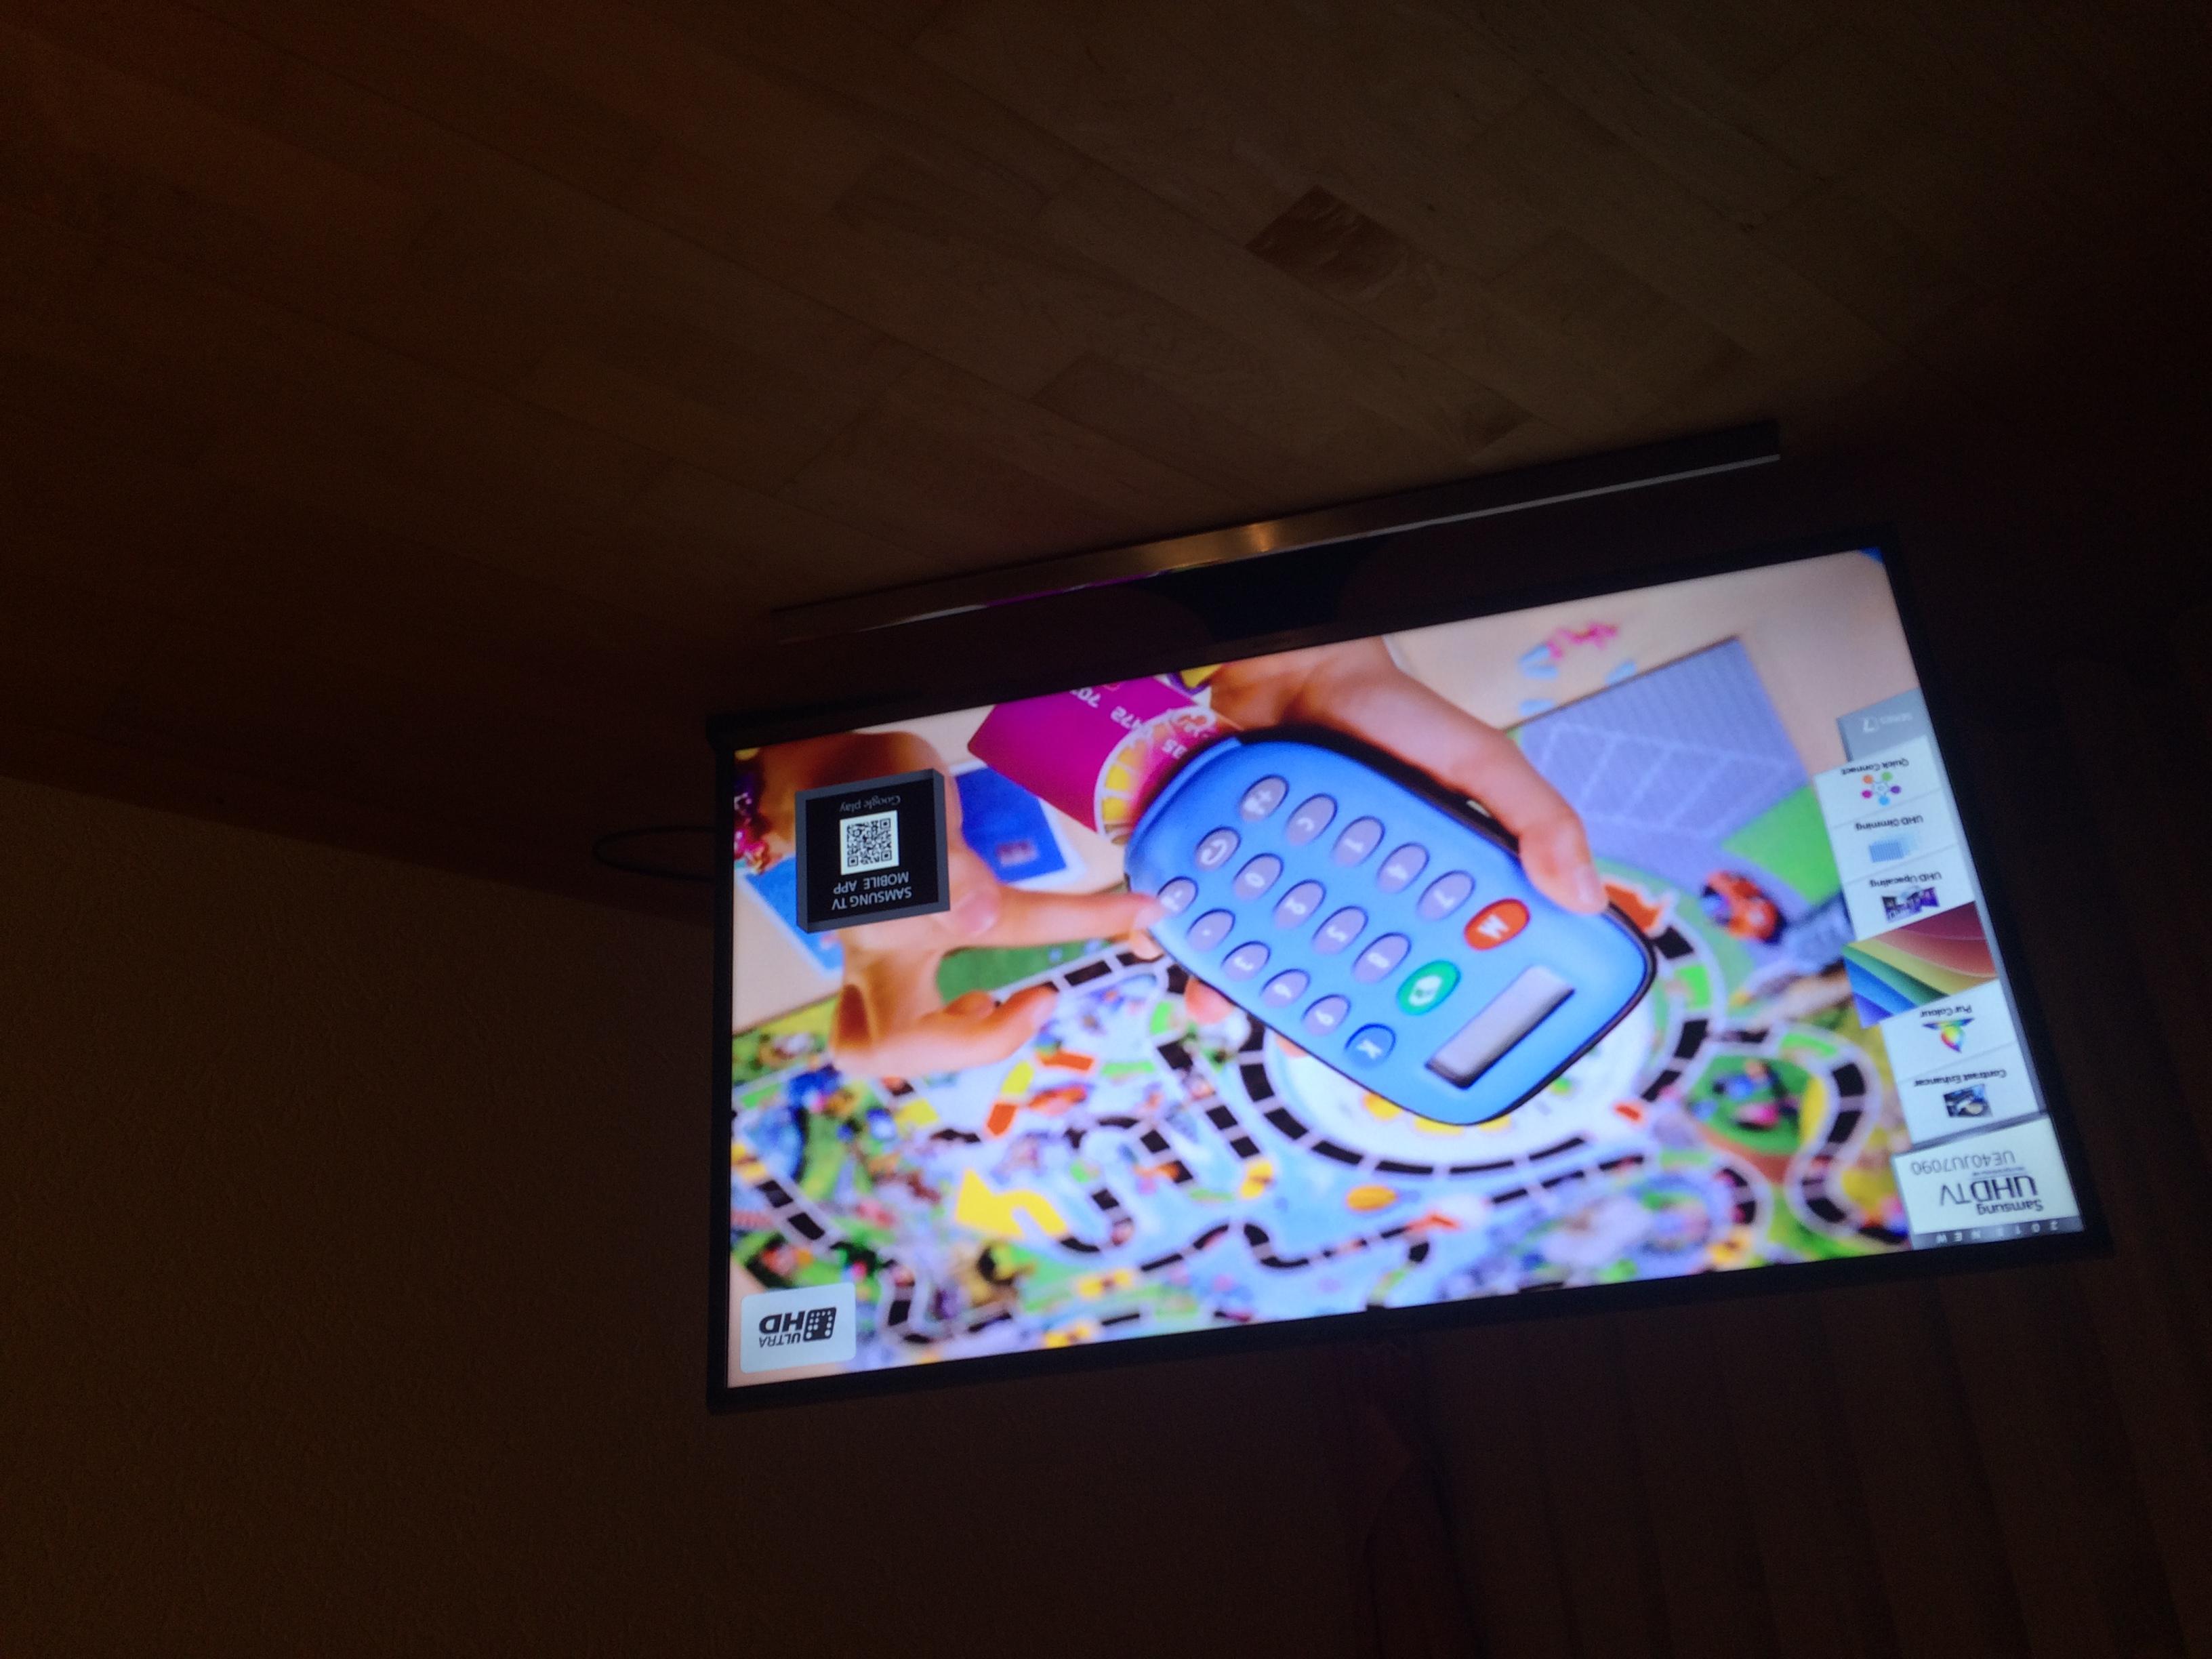 Samsung Fernseher Werbung